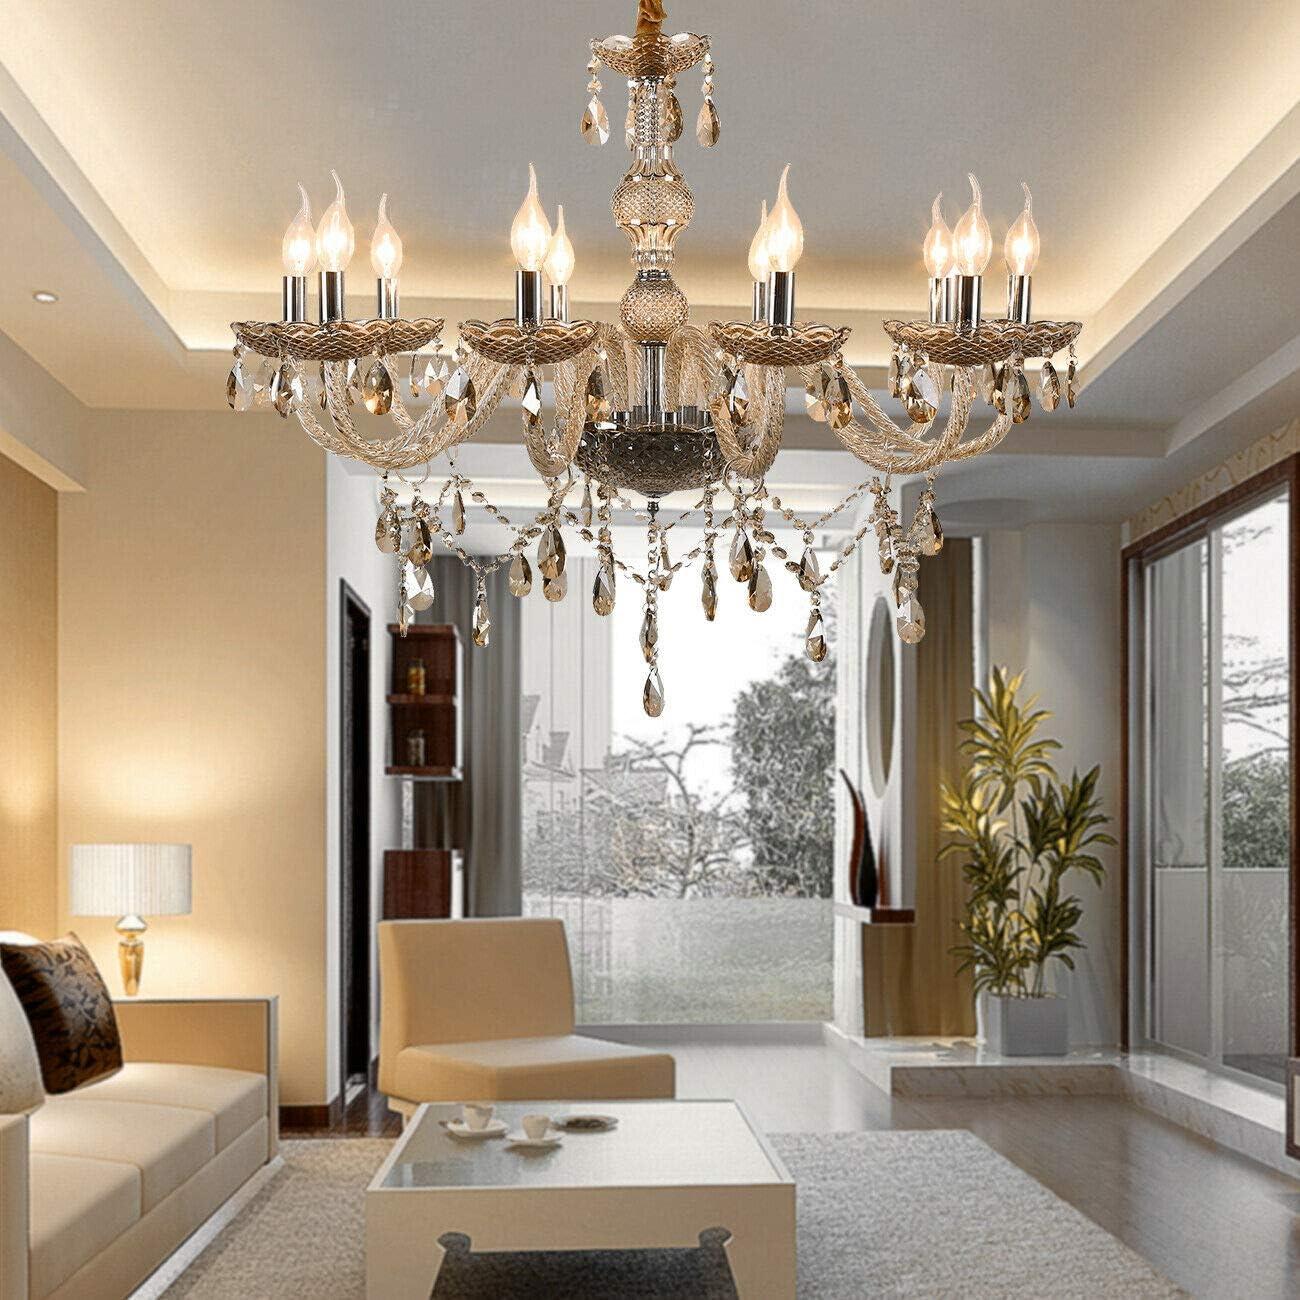 Samger 10 Arm Chandelier K9 Cristal Lámpara de techo E12 Lámpara colgante Color cognac para la sala de estar Dormitorio Entrada en el pasillo: Amazon.es: Iluminación